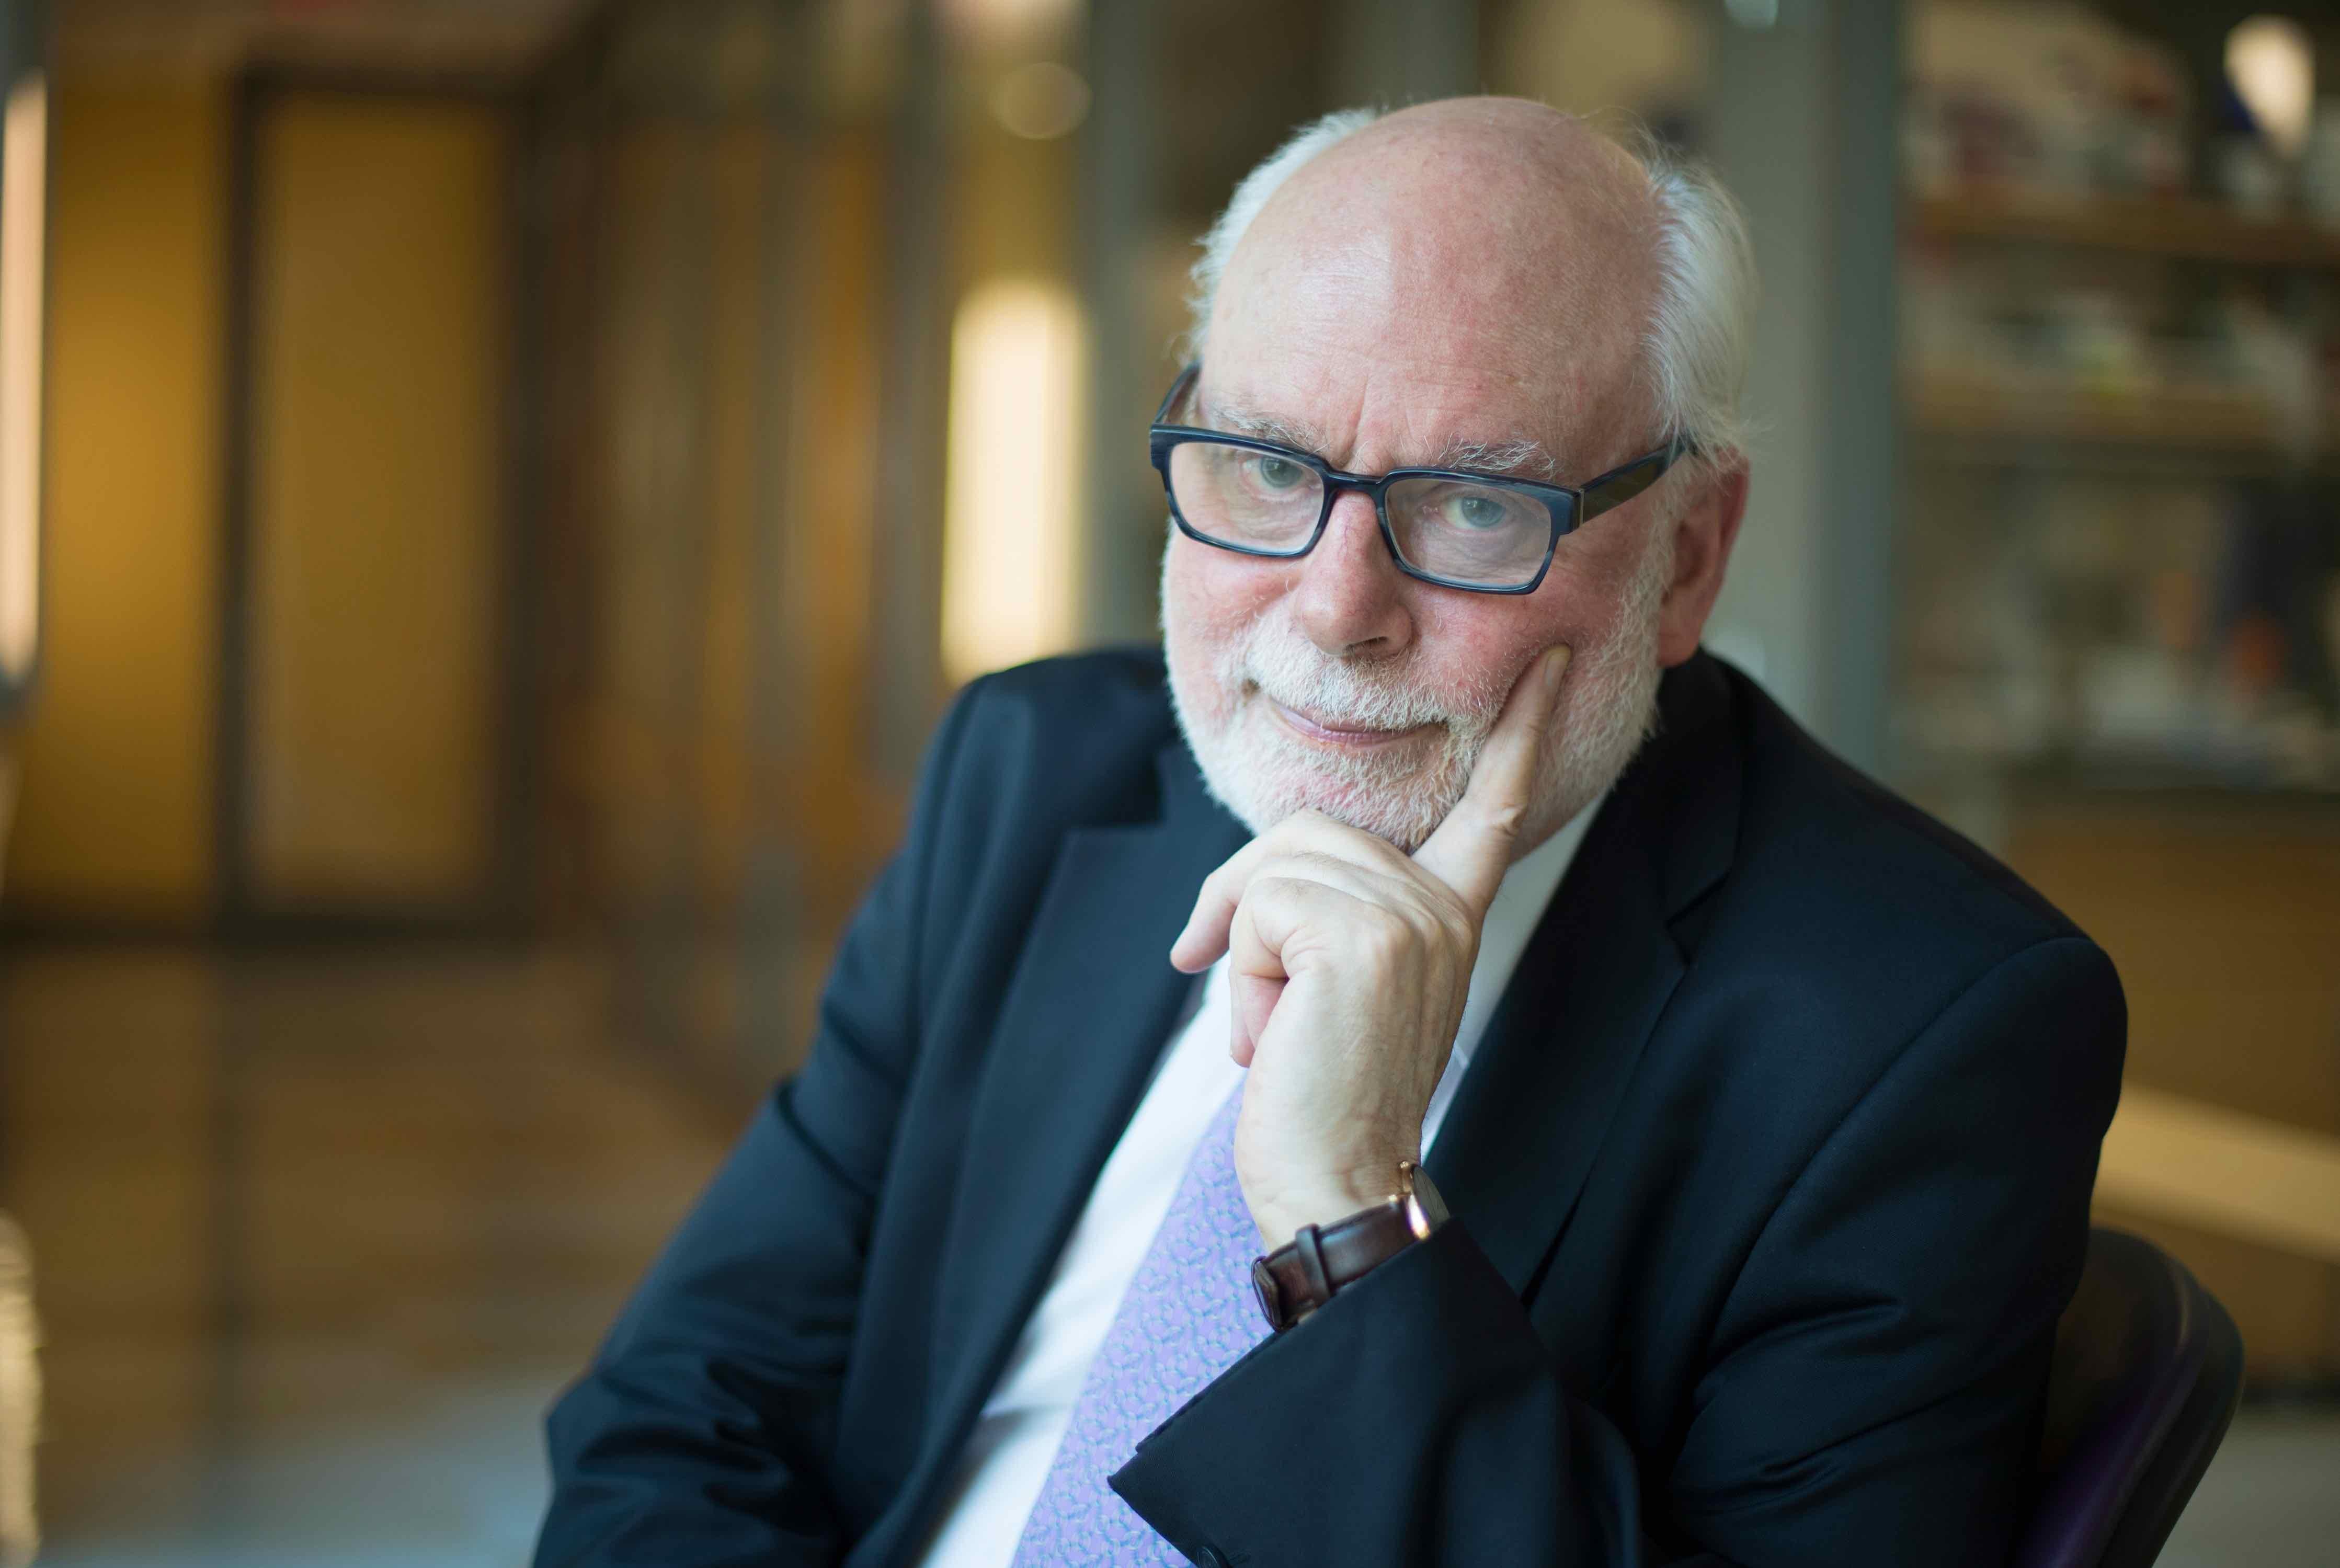 Noble Panacea founder Fraser Stoddart